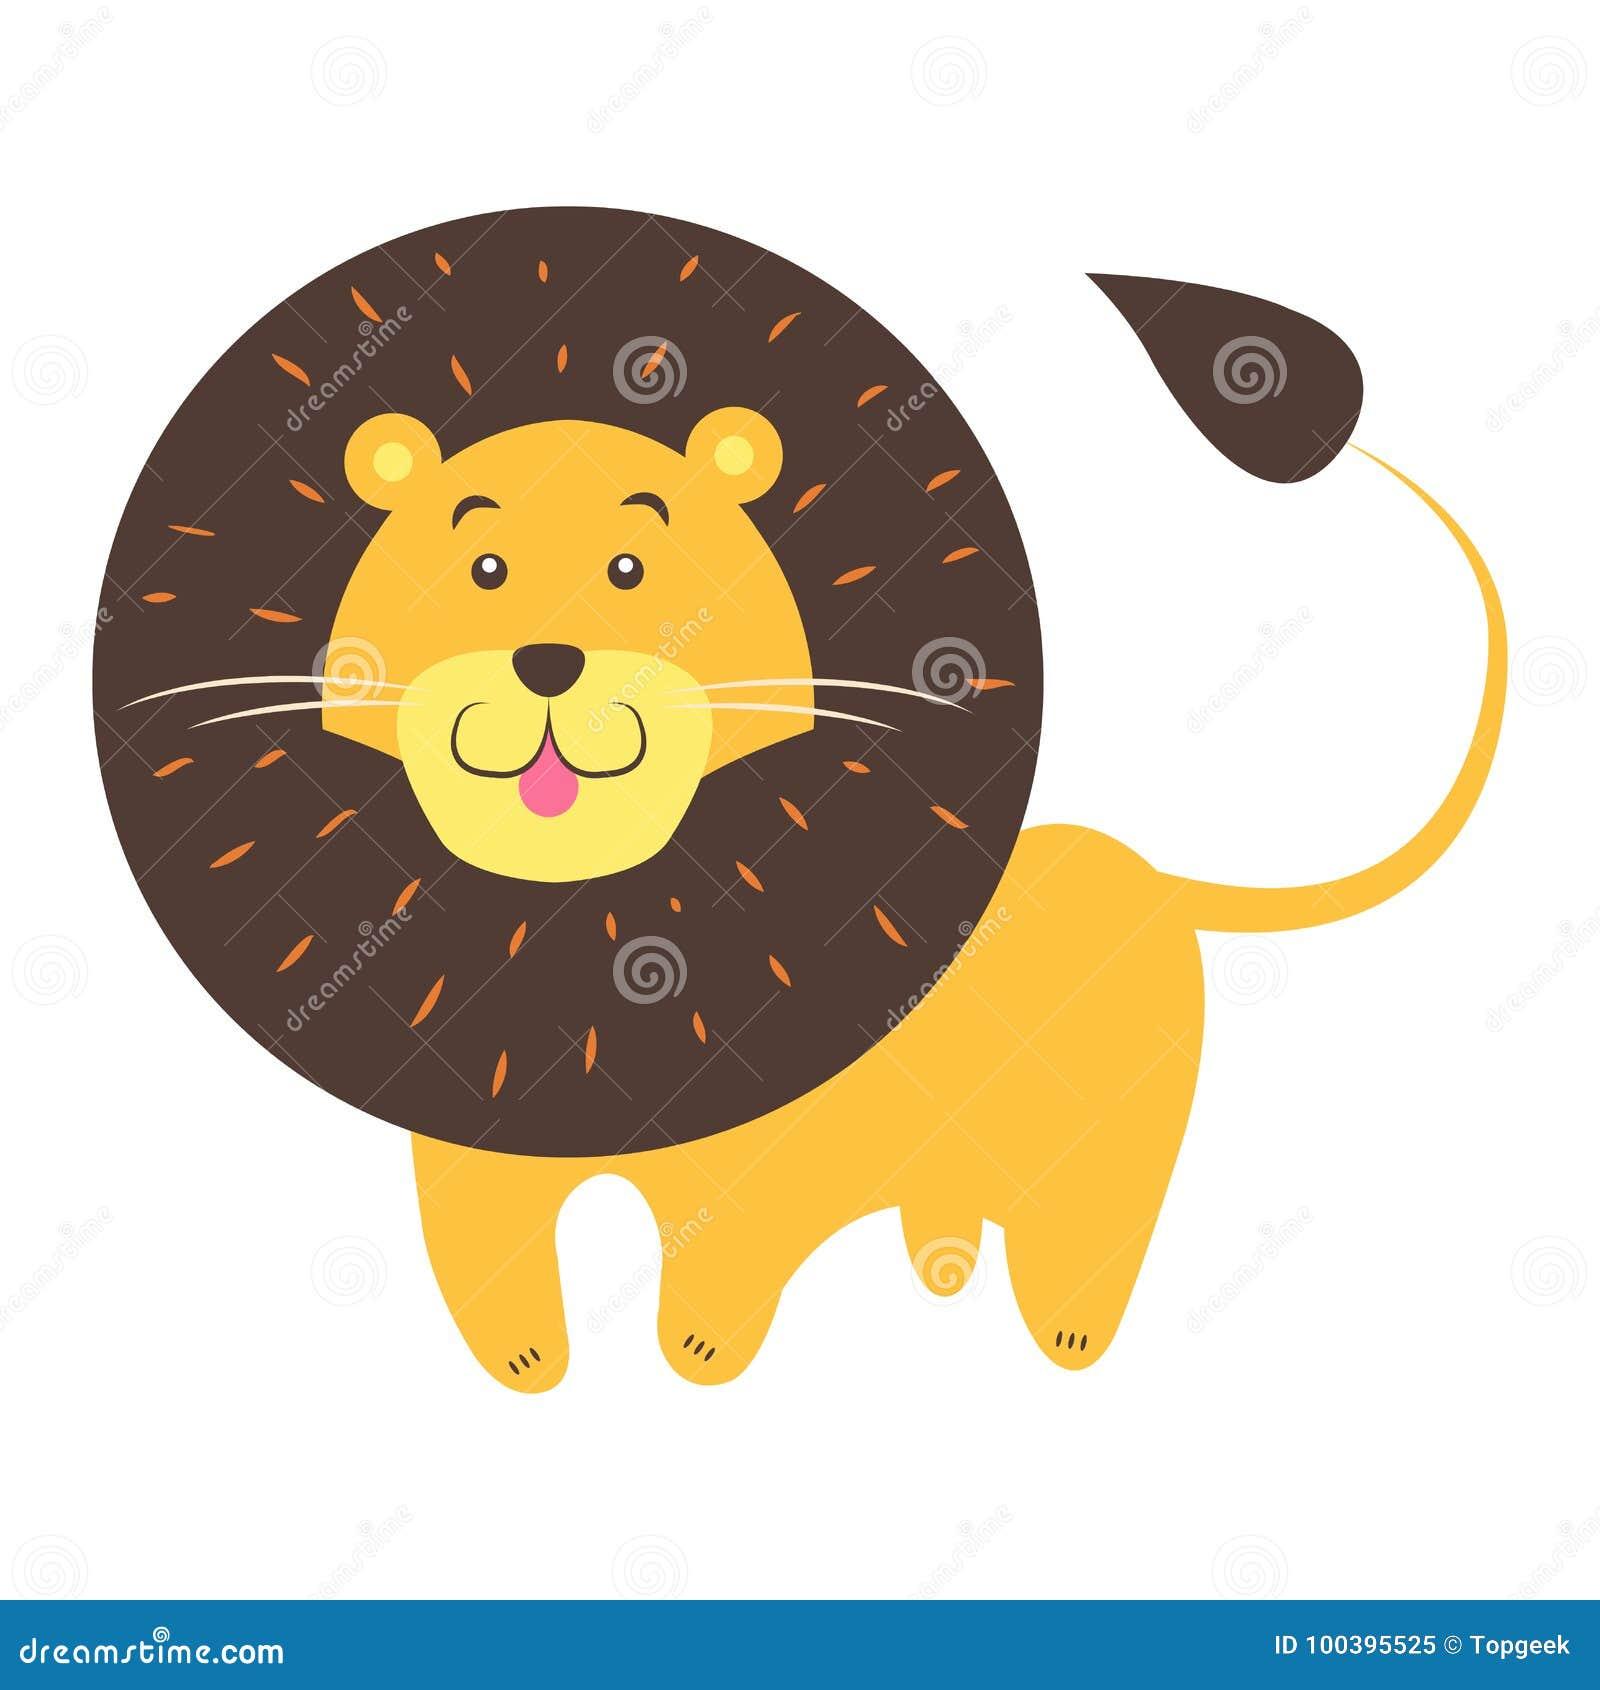 Lion Cartoon Flat Vector Sticker ou icône mignon